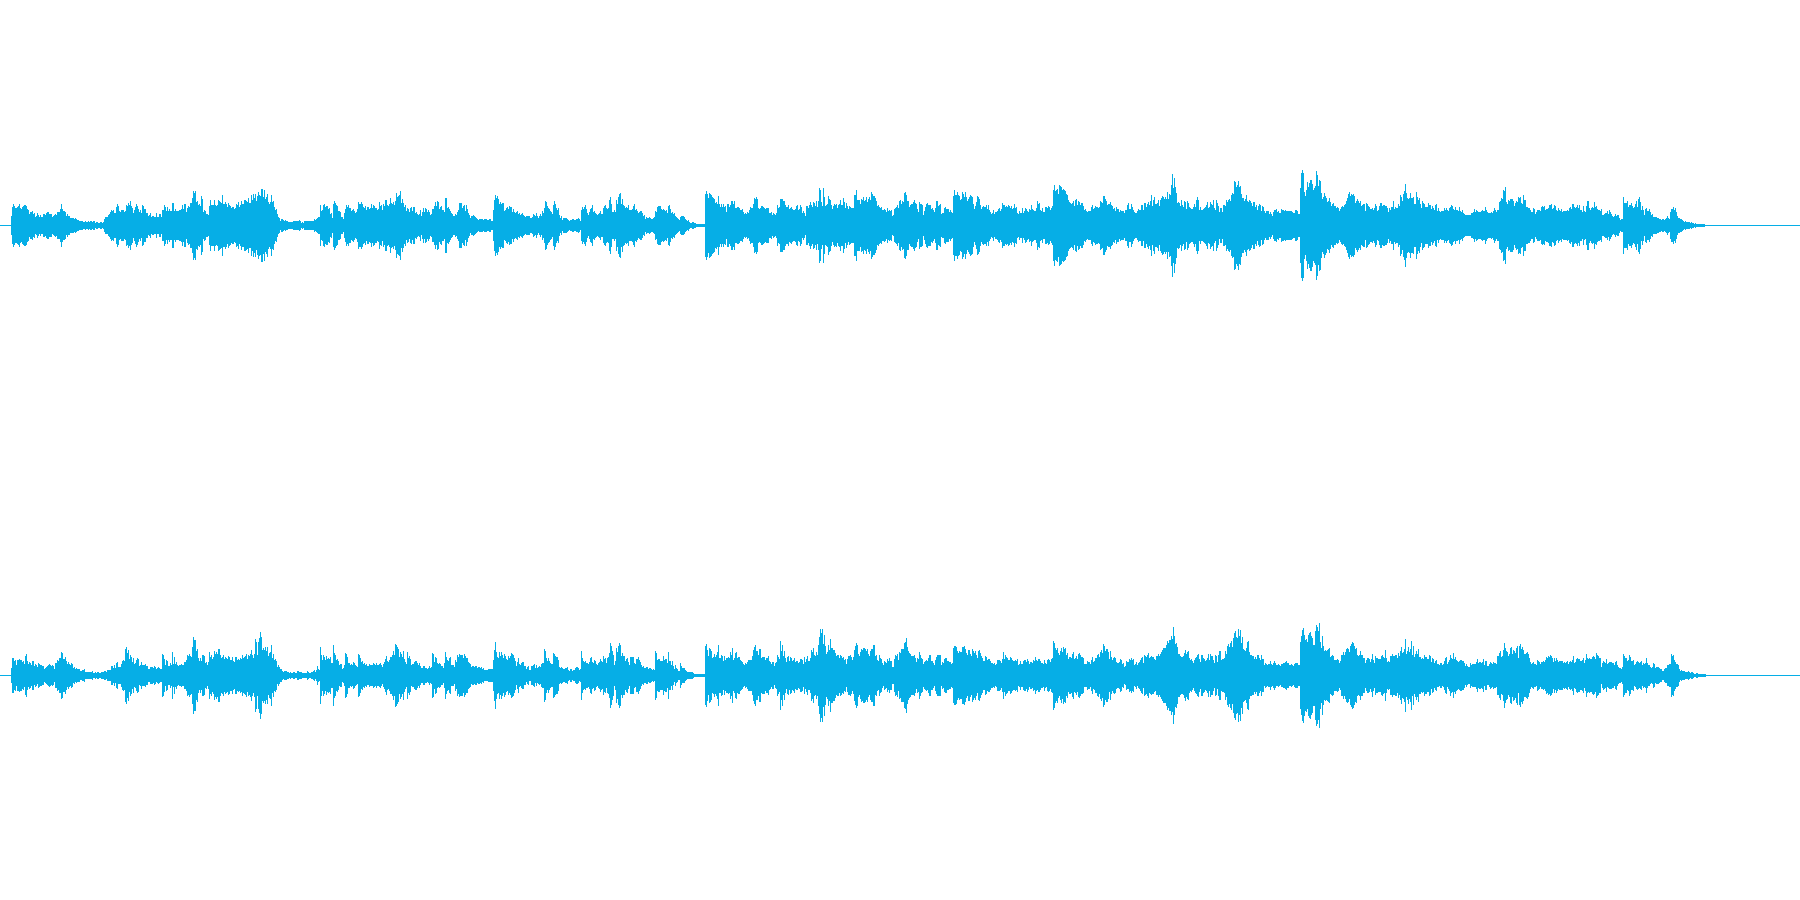 環境音楽風(1992宇宙の旅)の再生済みの波形